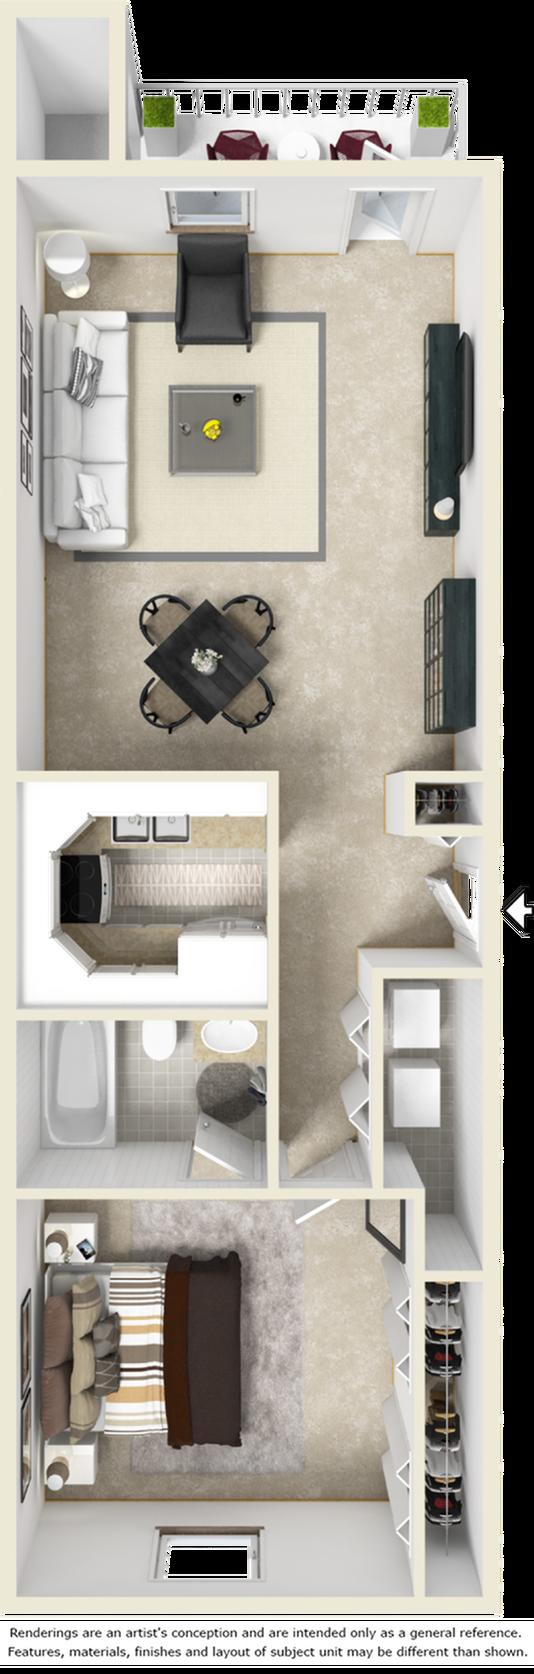 Chelsea 1 bedroom 1 bathroom floor plan